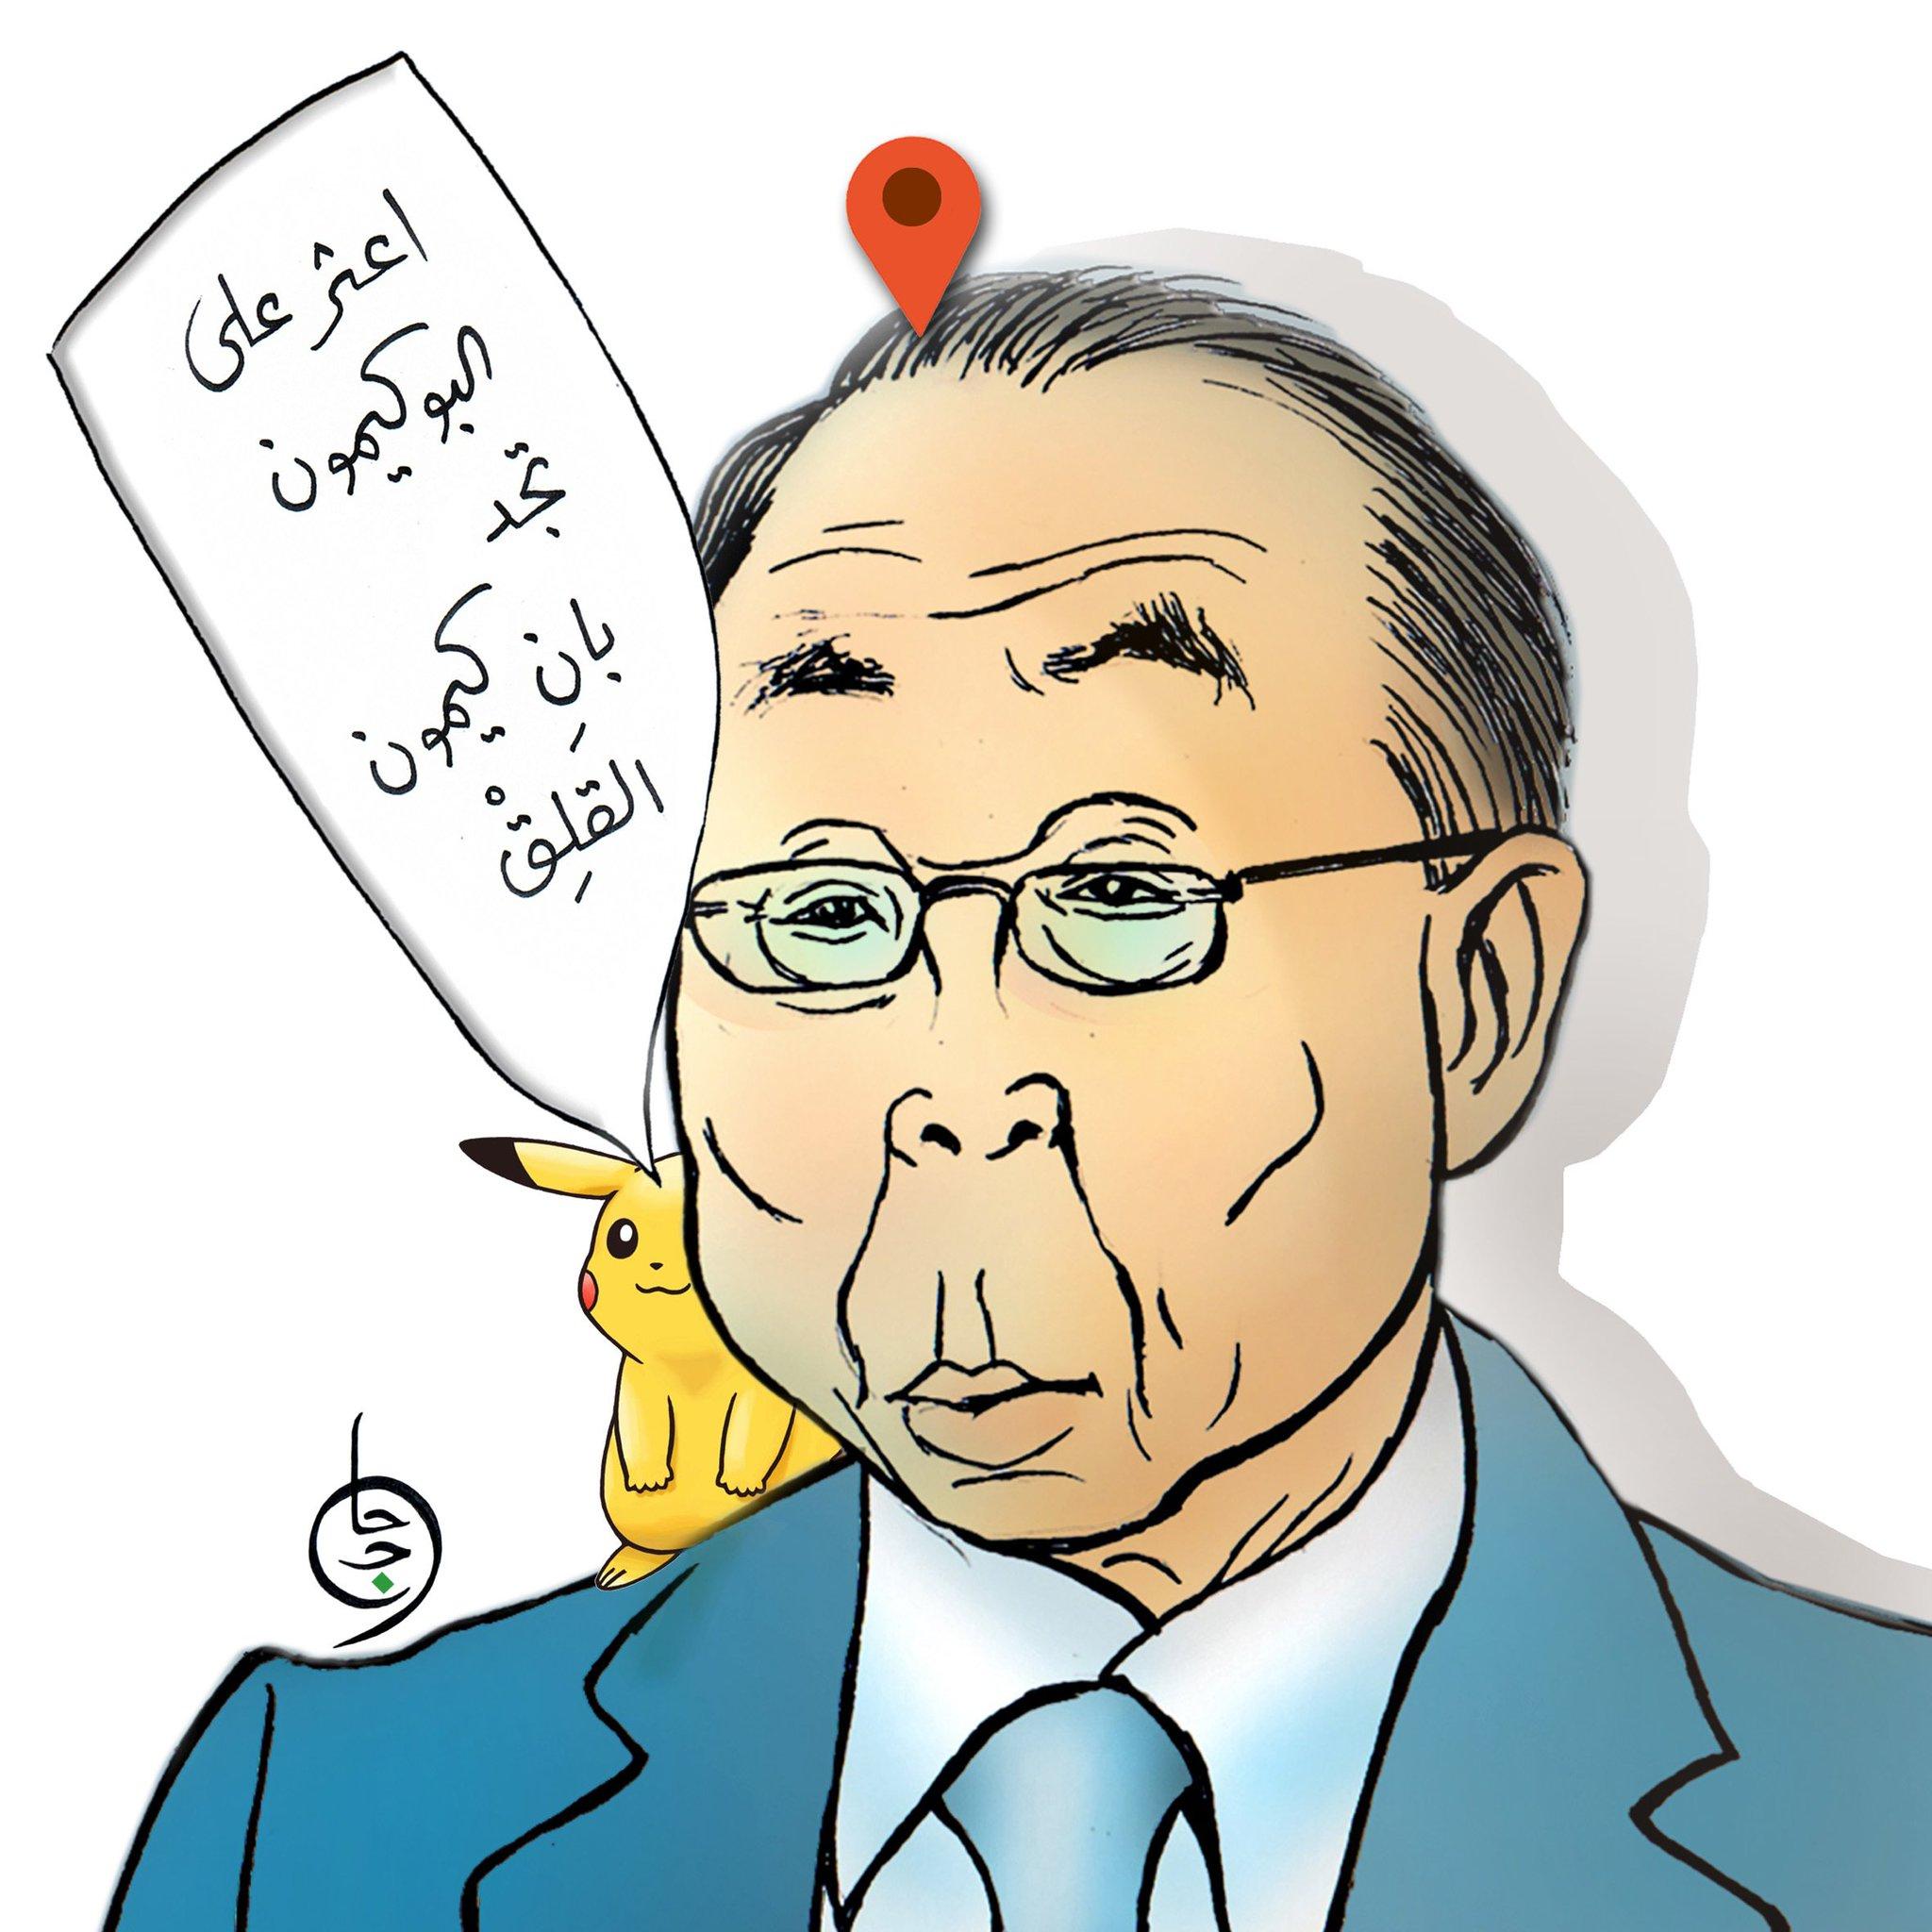 """سعد حاجو يرسم لـ 24: """"بوكيمون"""" بان كي مون https://t.co/hpKVYYD29w"""